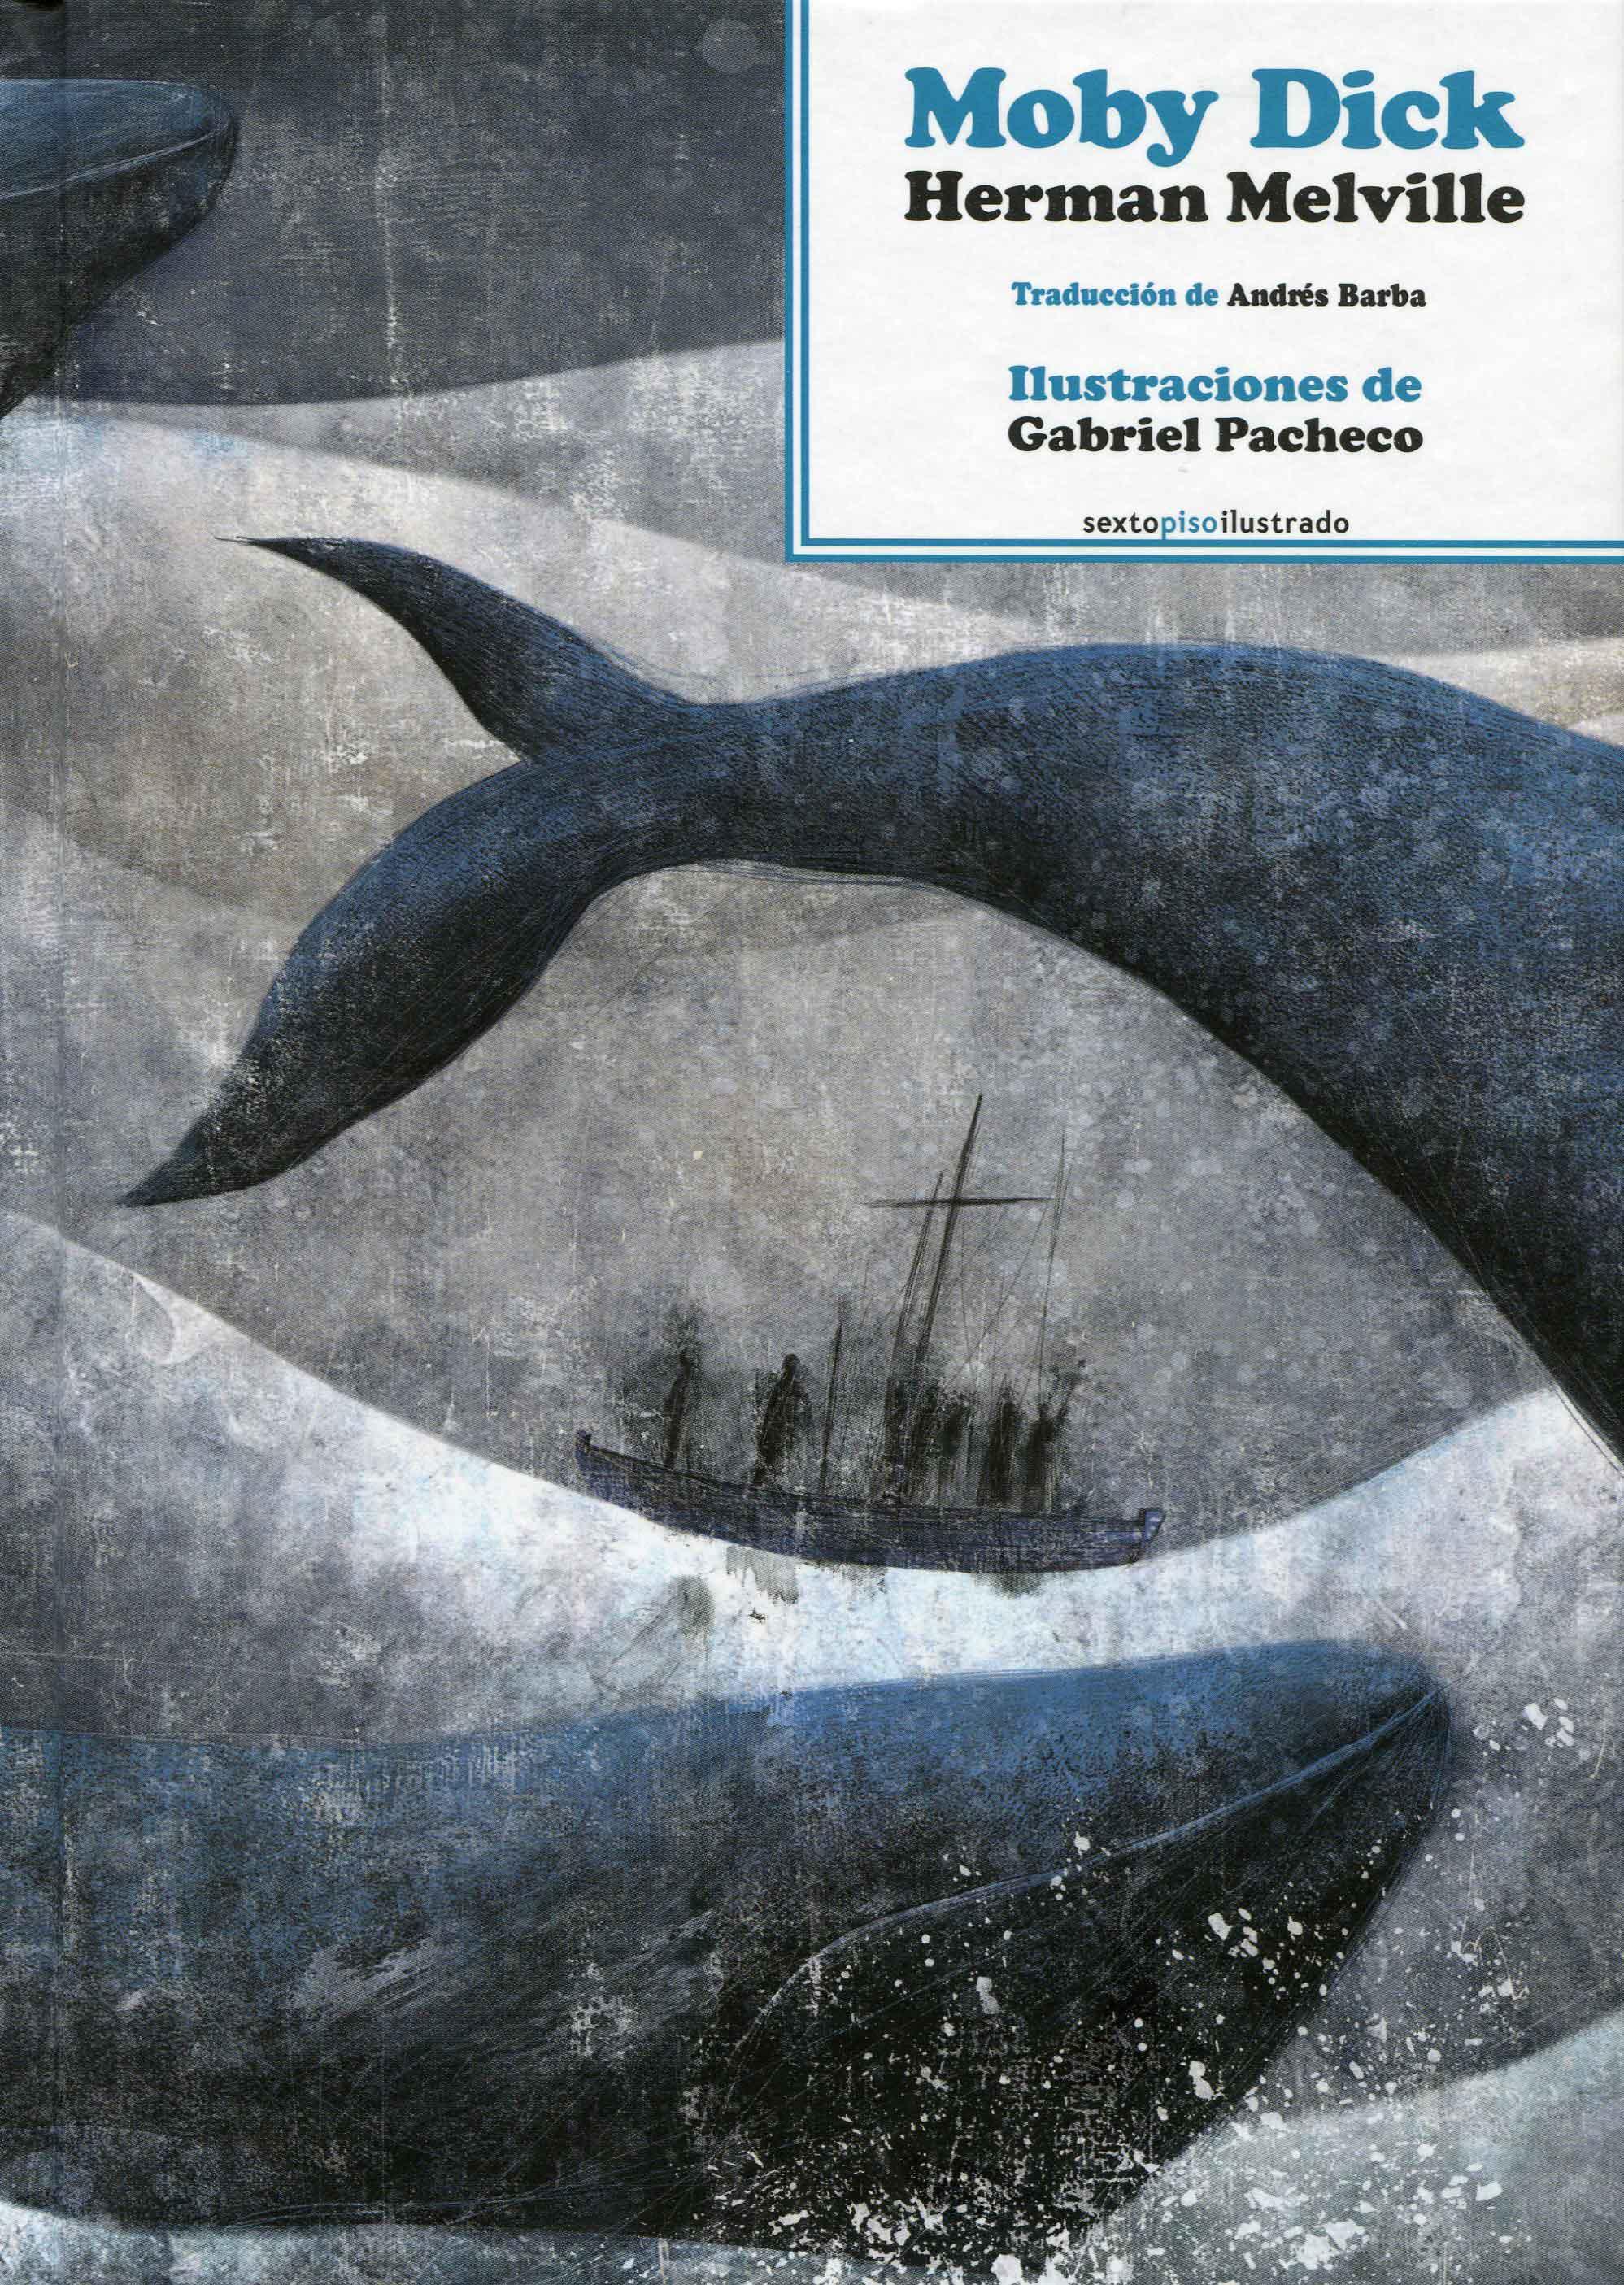 Herman Melville; Moby Dick, o la ballena; trad., de Andrés Barba; ilustr., de Gabriel Pacheco; Sexto Piso España, 2014; (Col. Ilustrado).